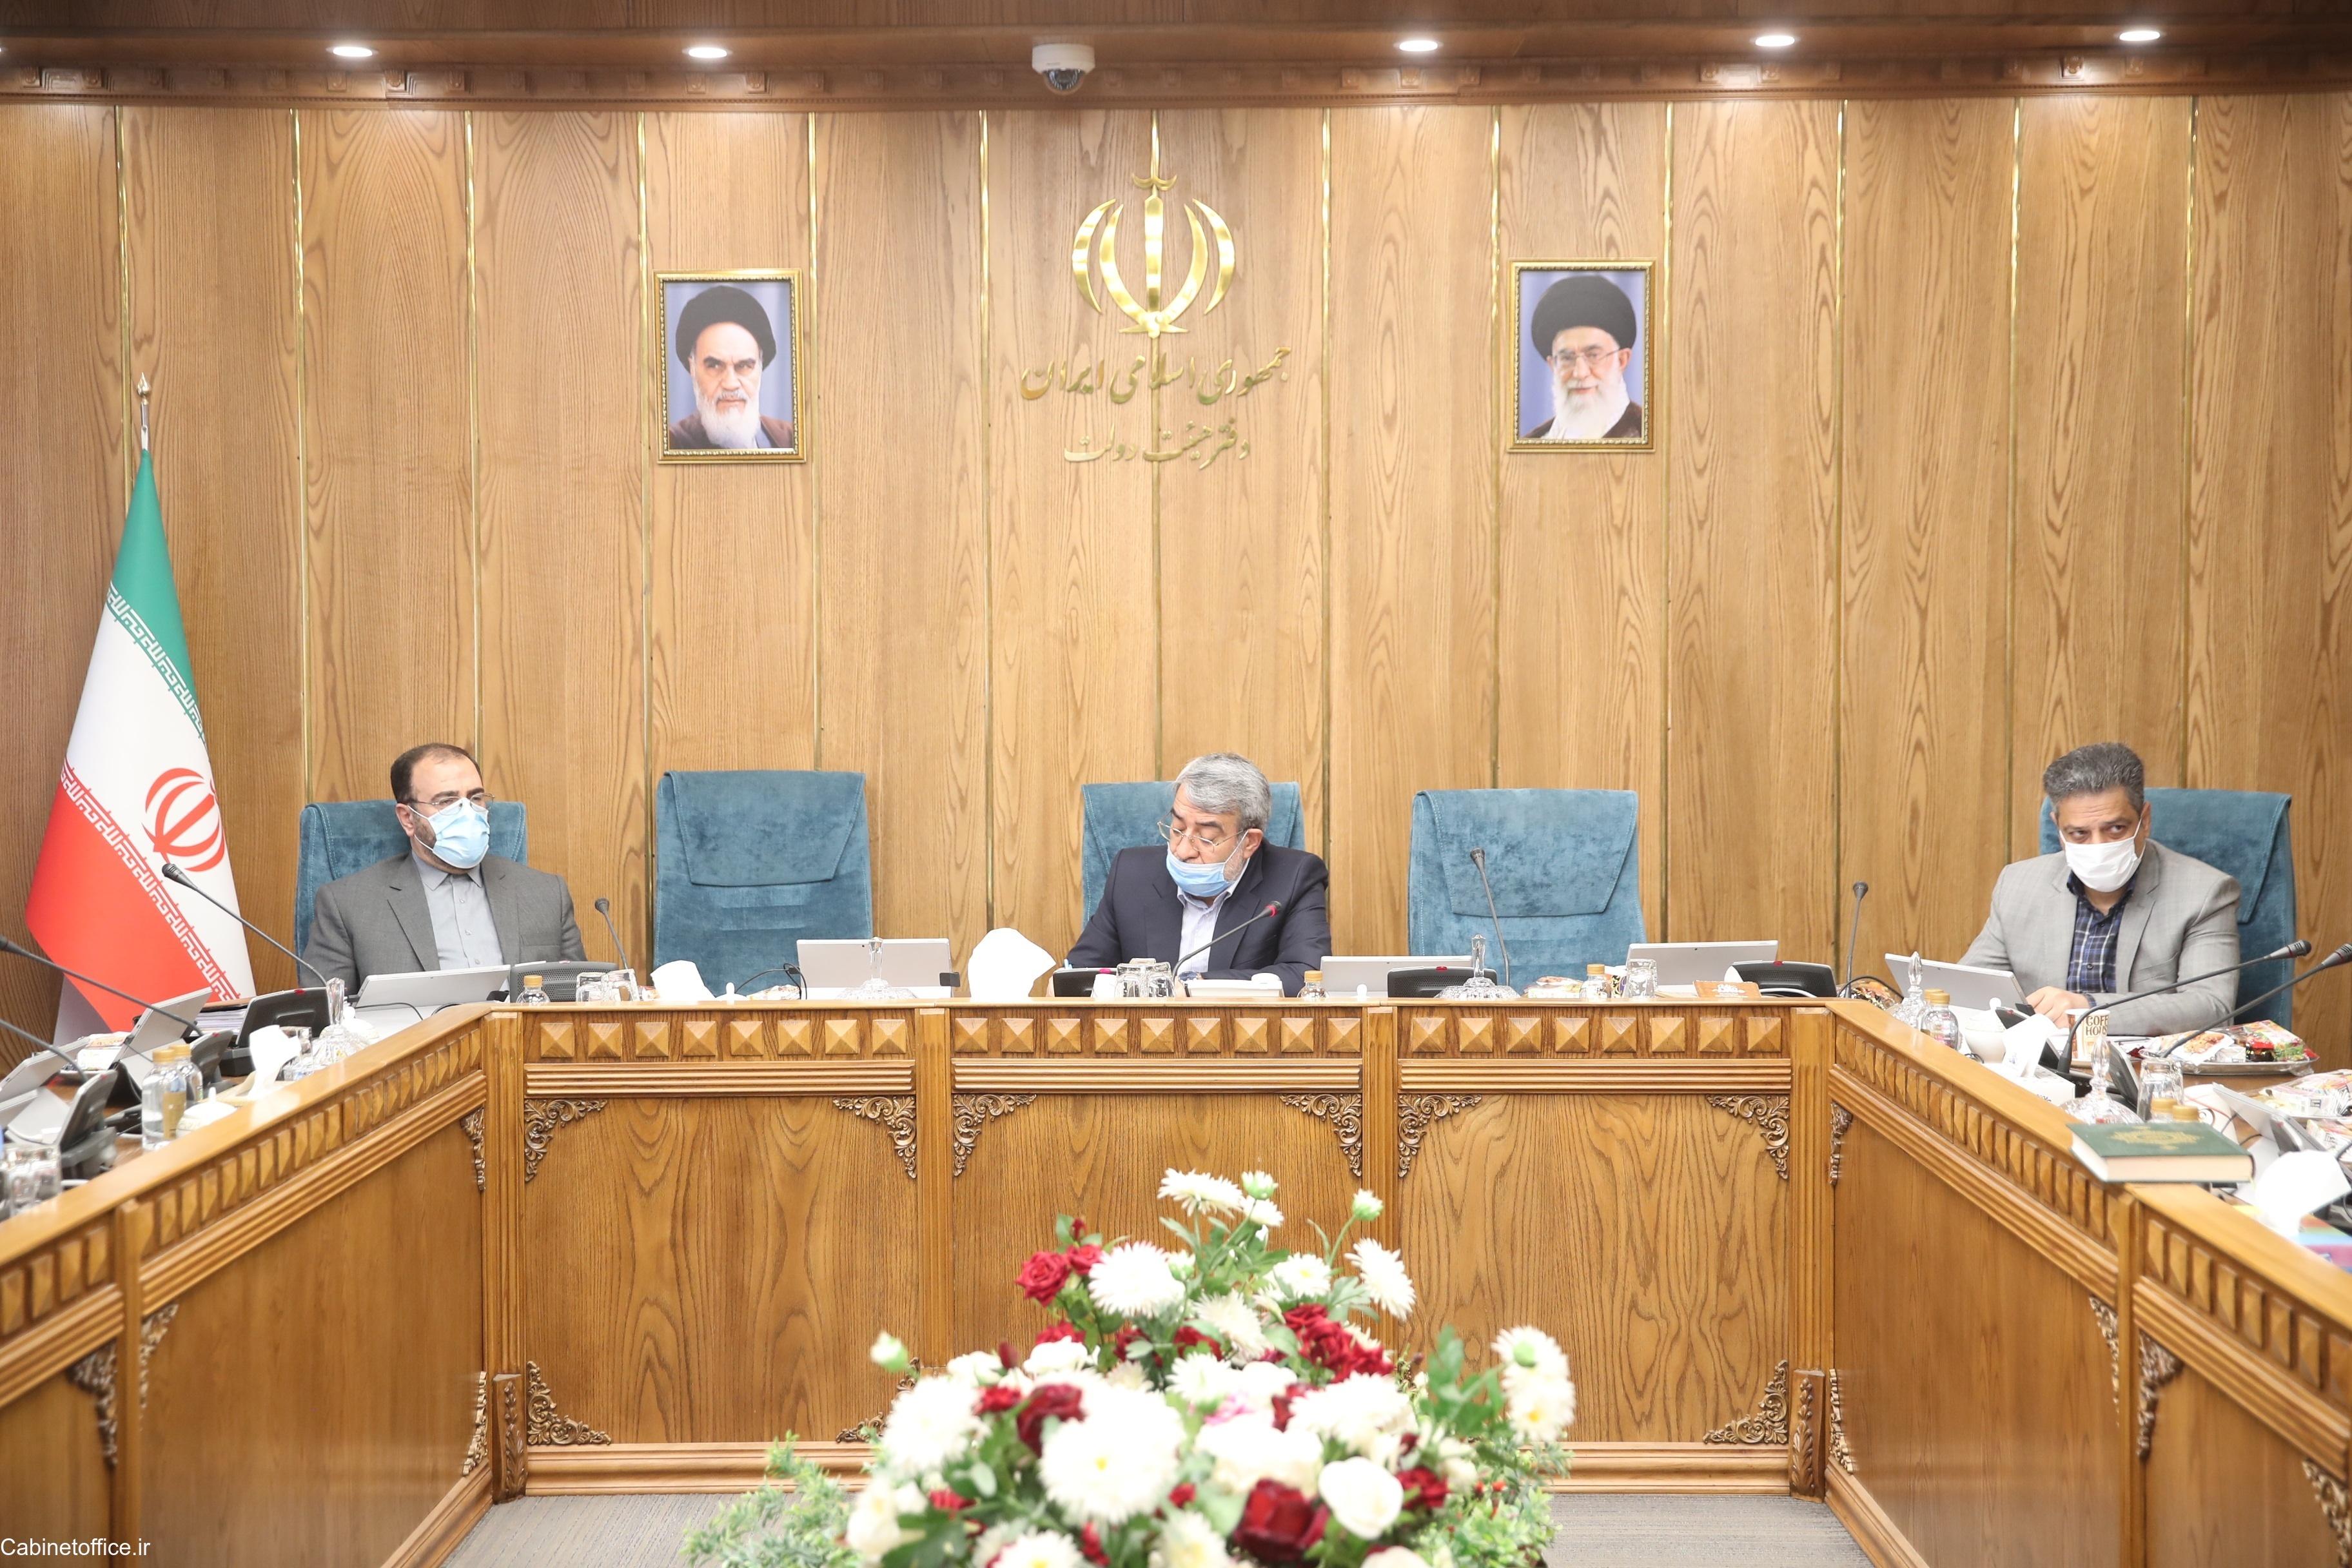 لایحه «تشکیل سازمان ملی مهاجرت» در دستورکار هیئت وزیران قرار گرفت